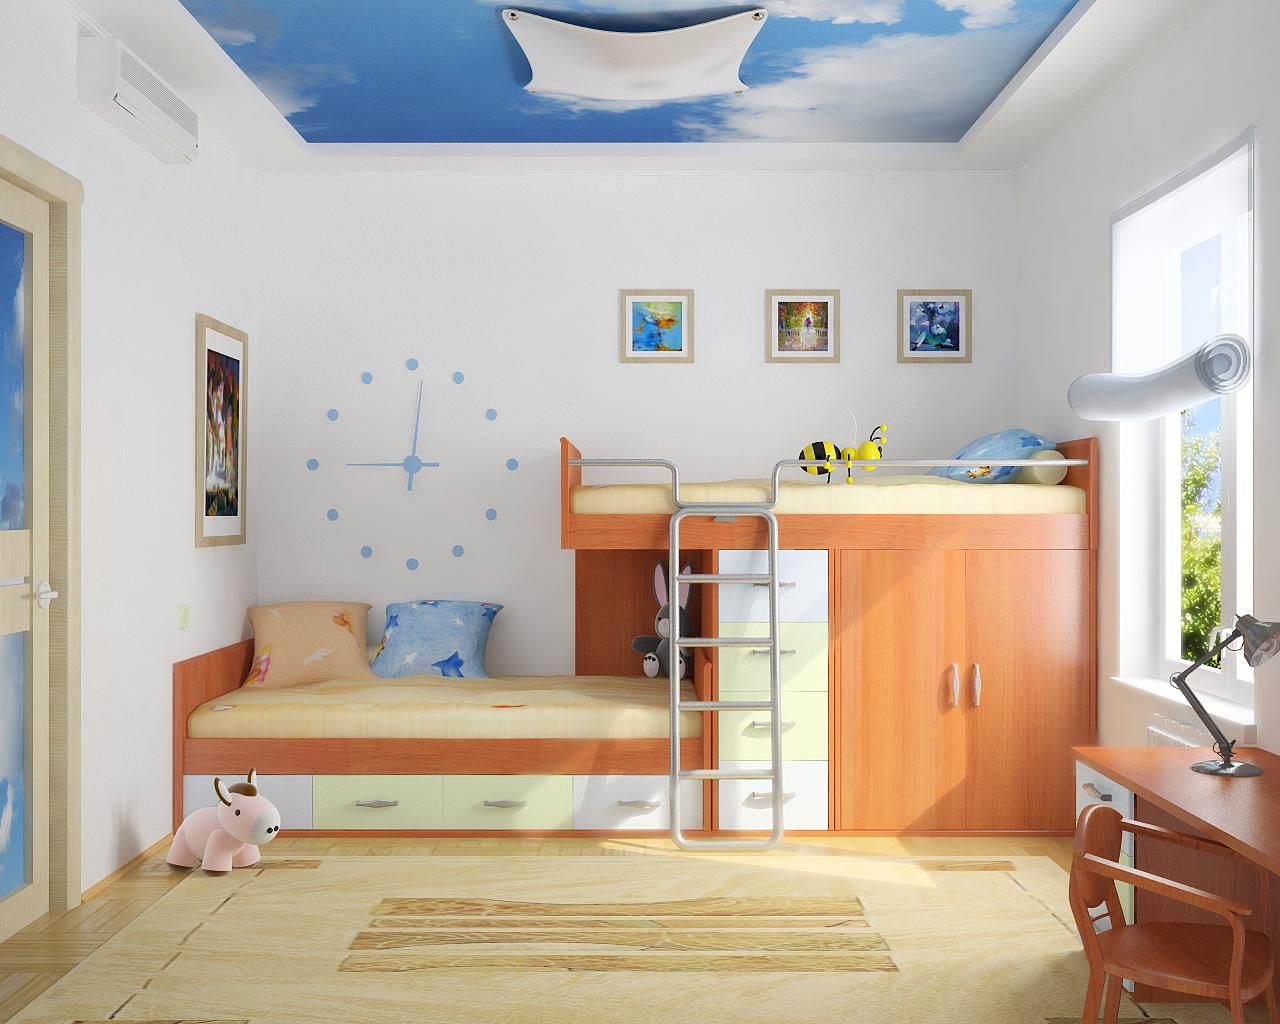 отделка стен в детской краской 4